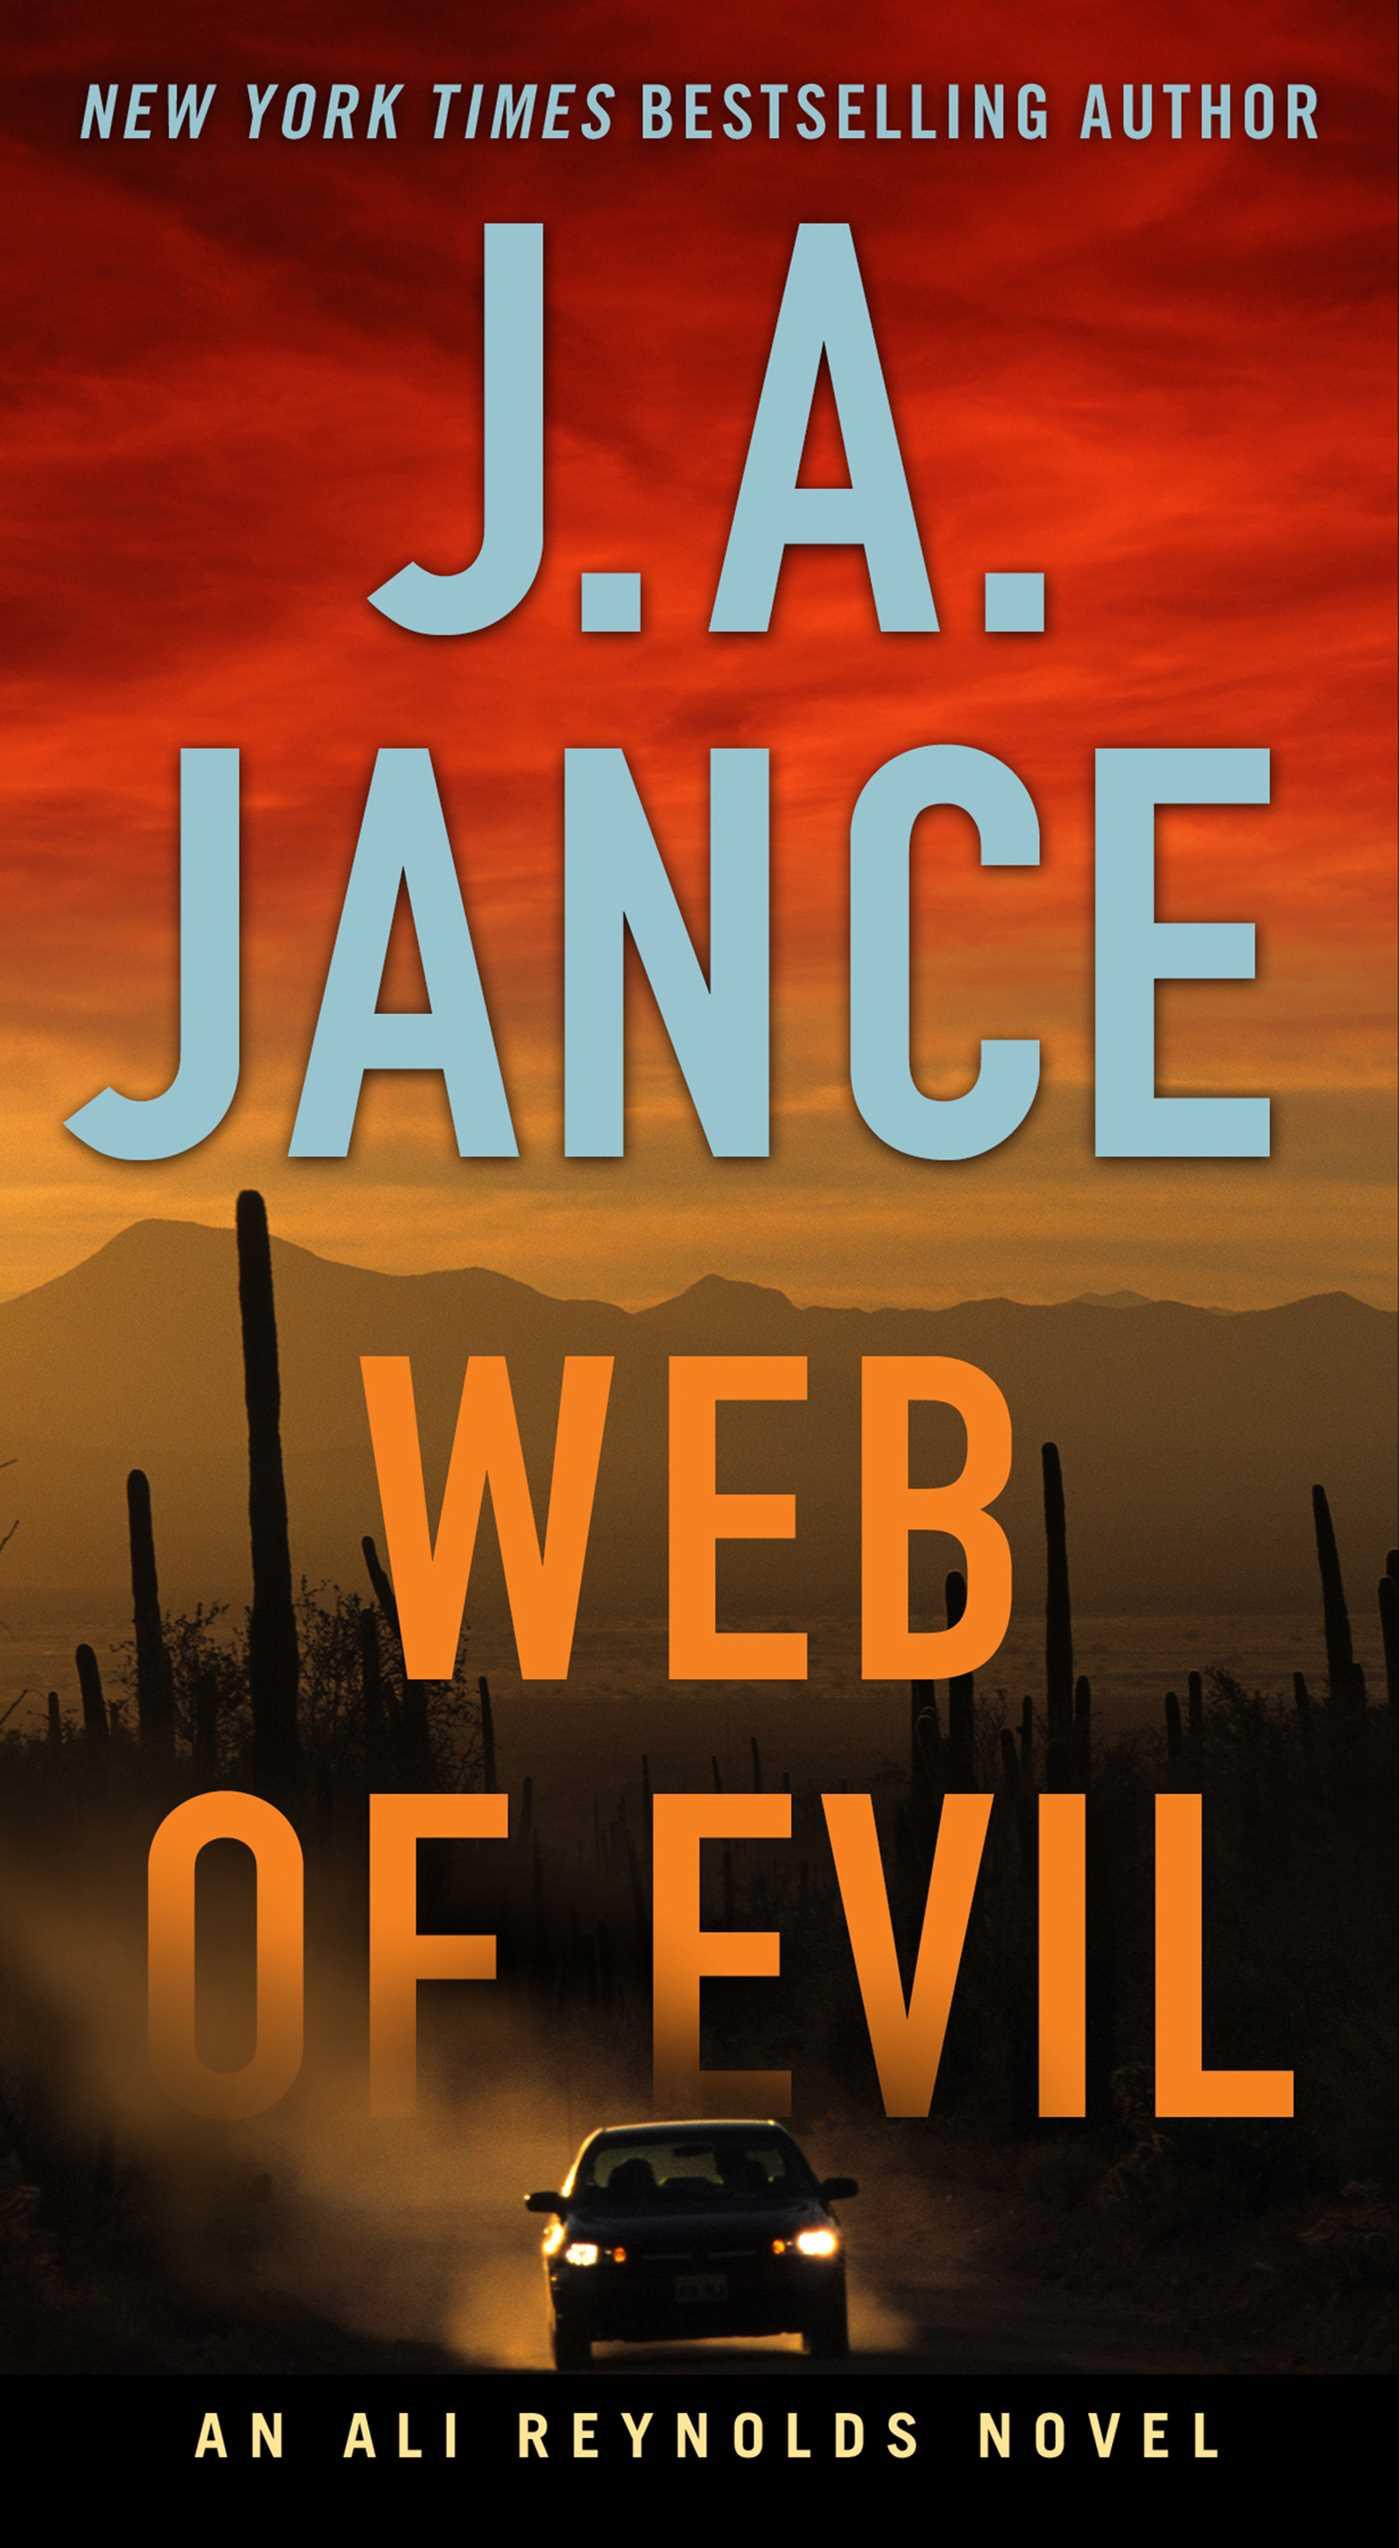 Web of evil 9781416537731 hr